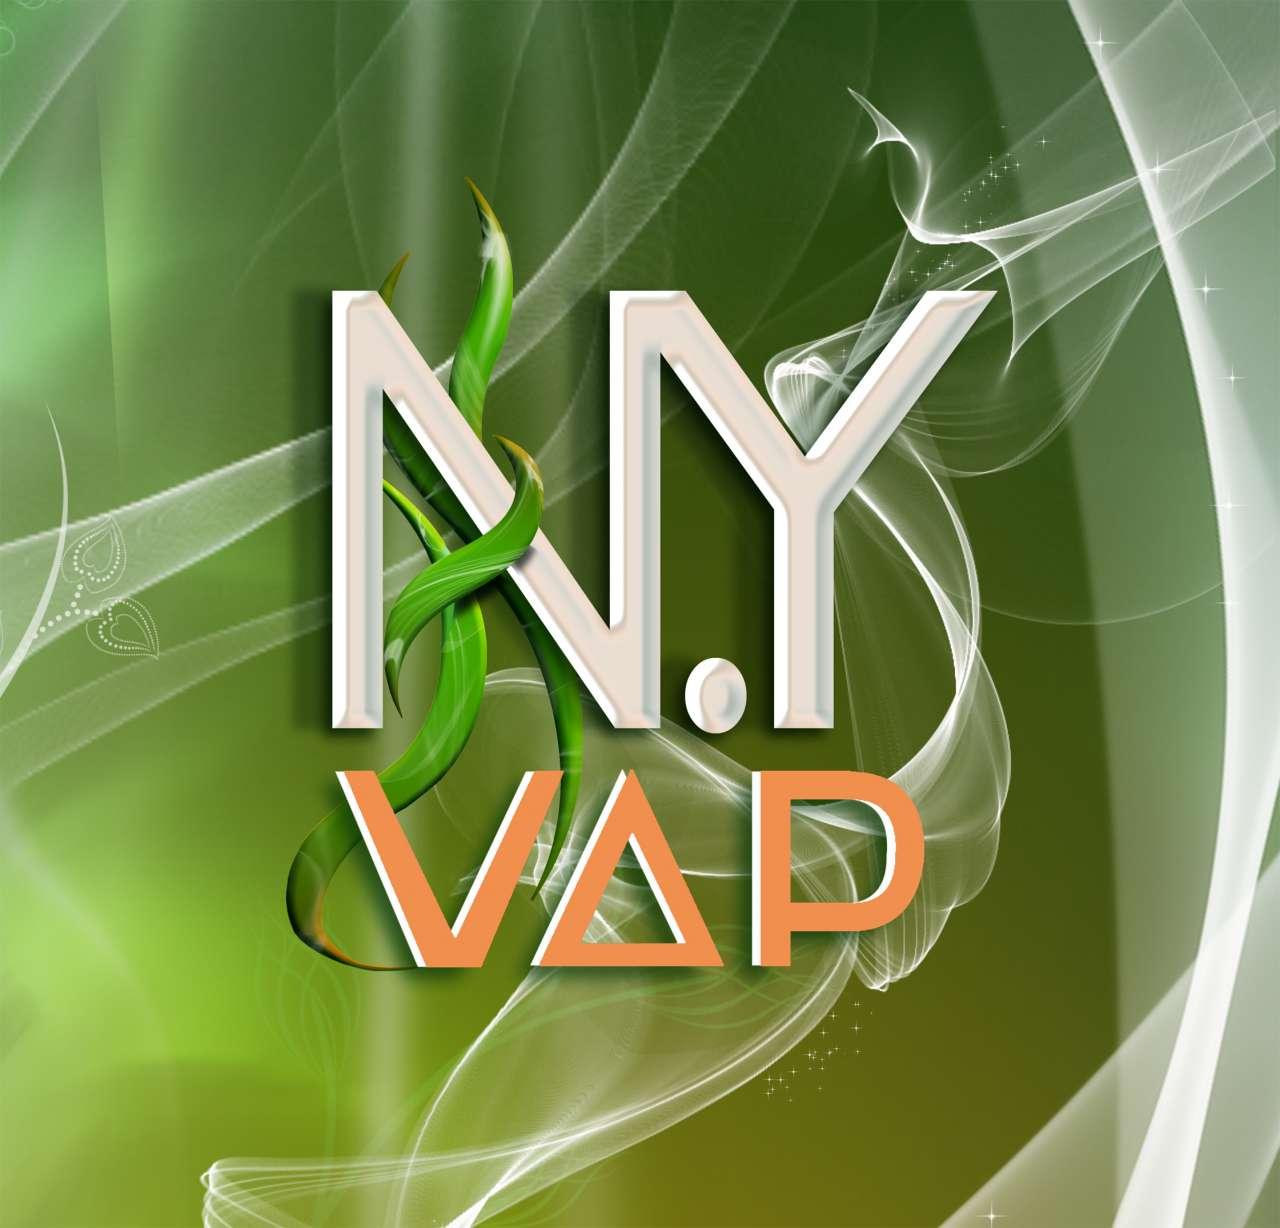 Boutique de vape spécialisée N.Y'VAP située à OLORON STE MARIE